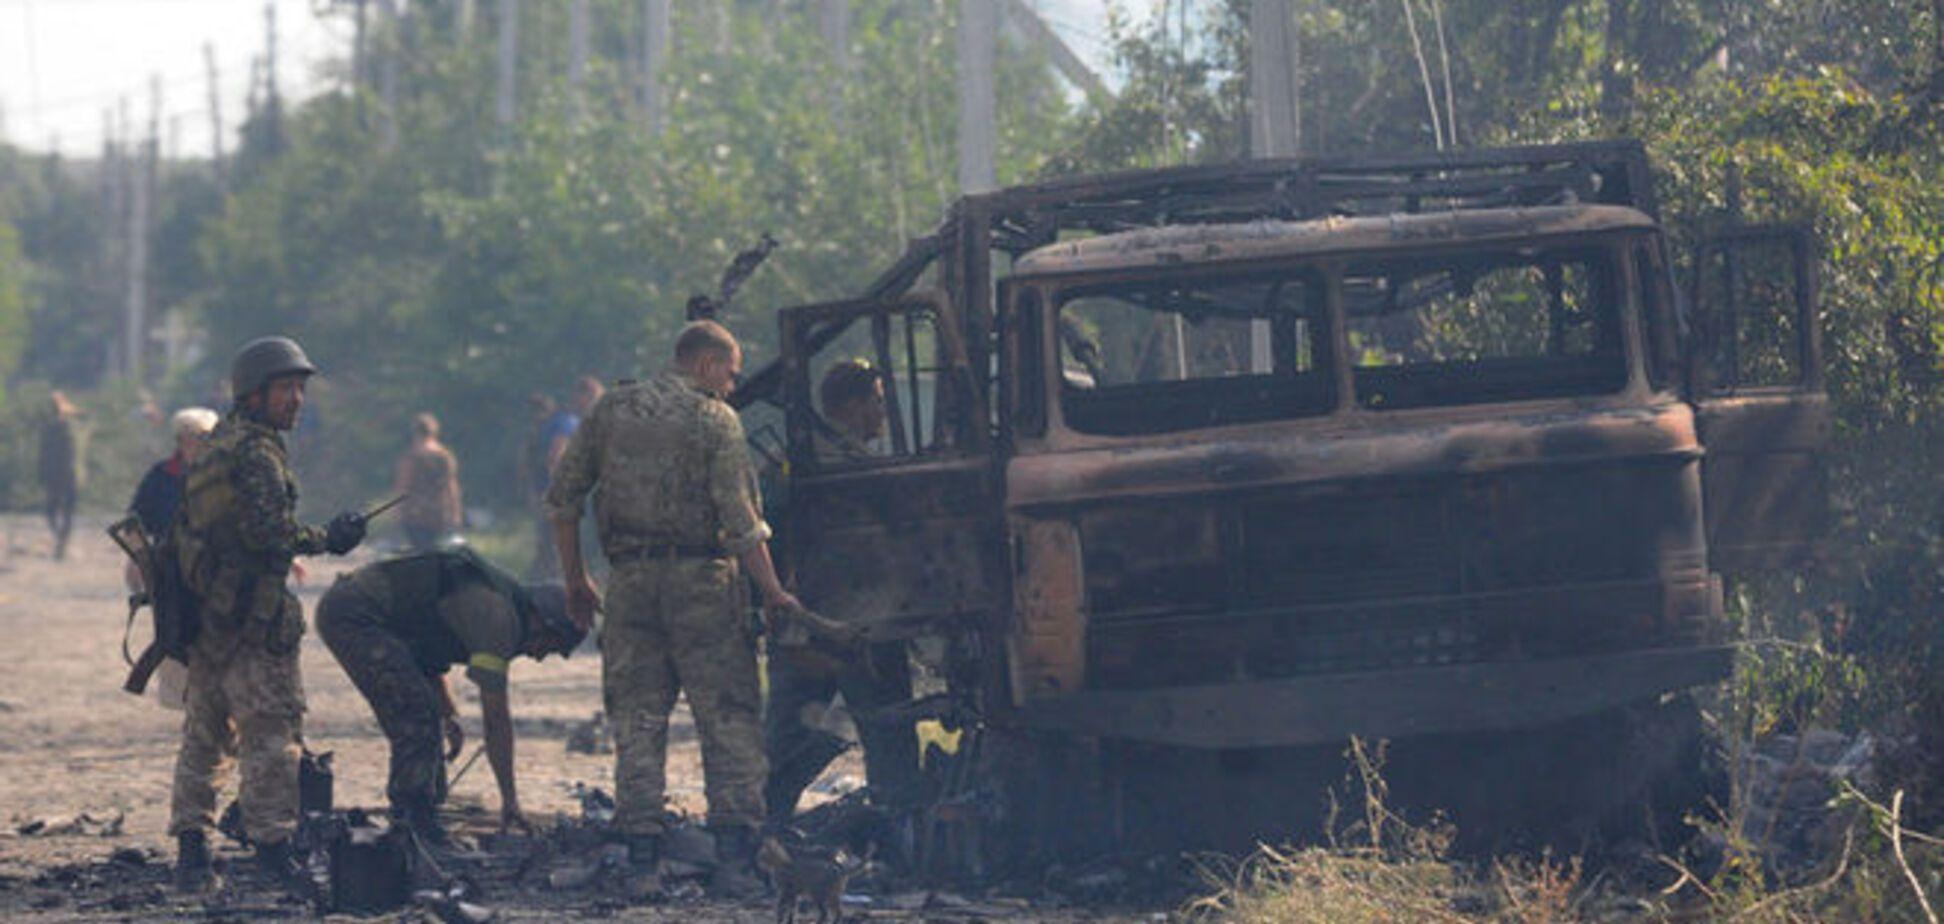 Ташбаев объяснил, почему на Донбассе не должно быть американских военных